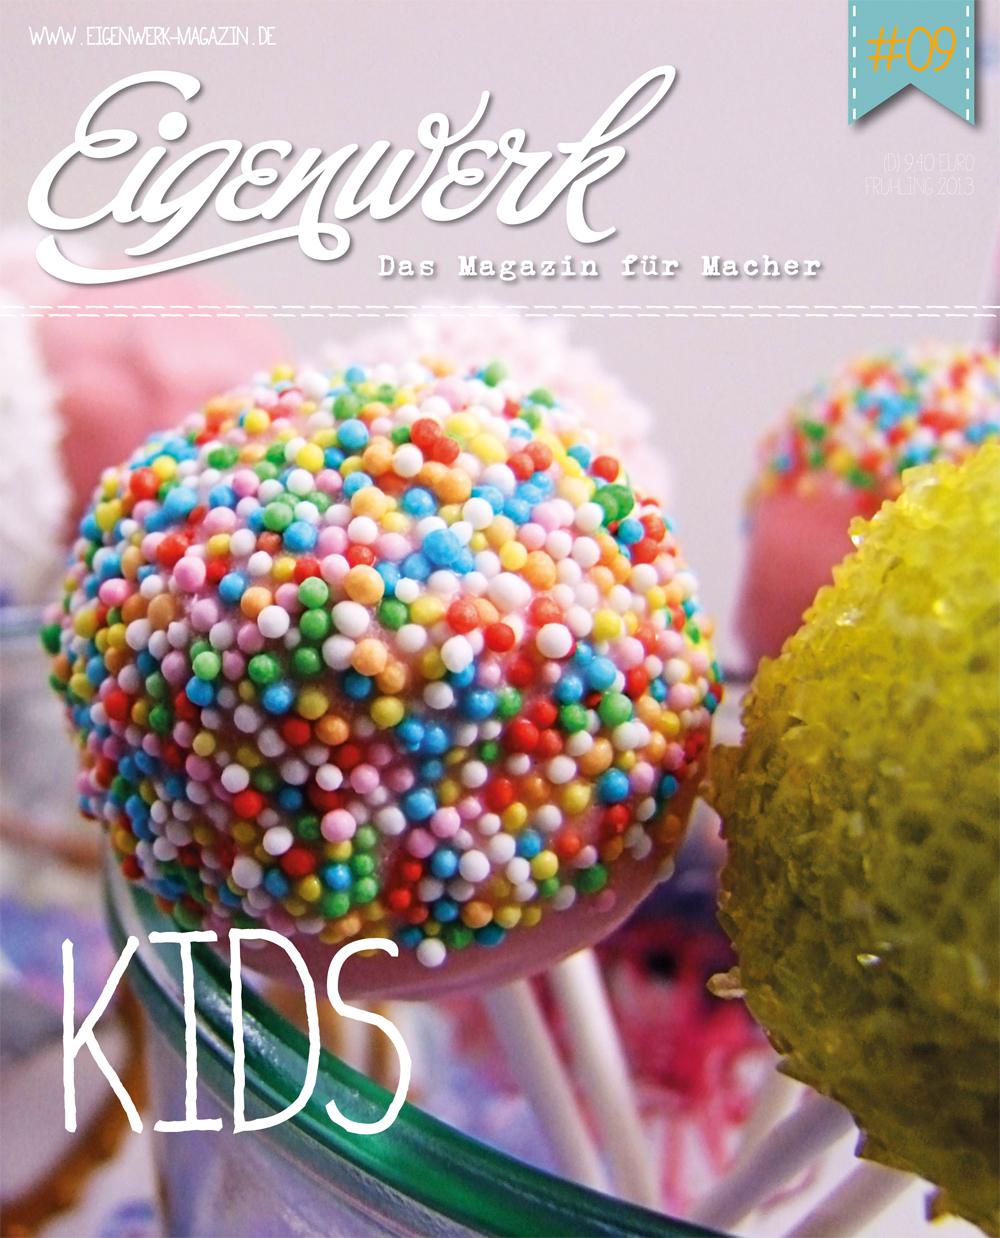 Eigenwerk-Magazin_09-2013.indd